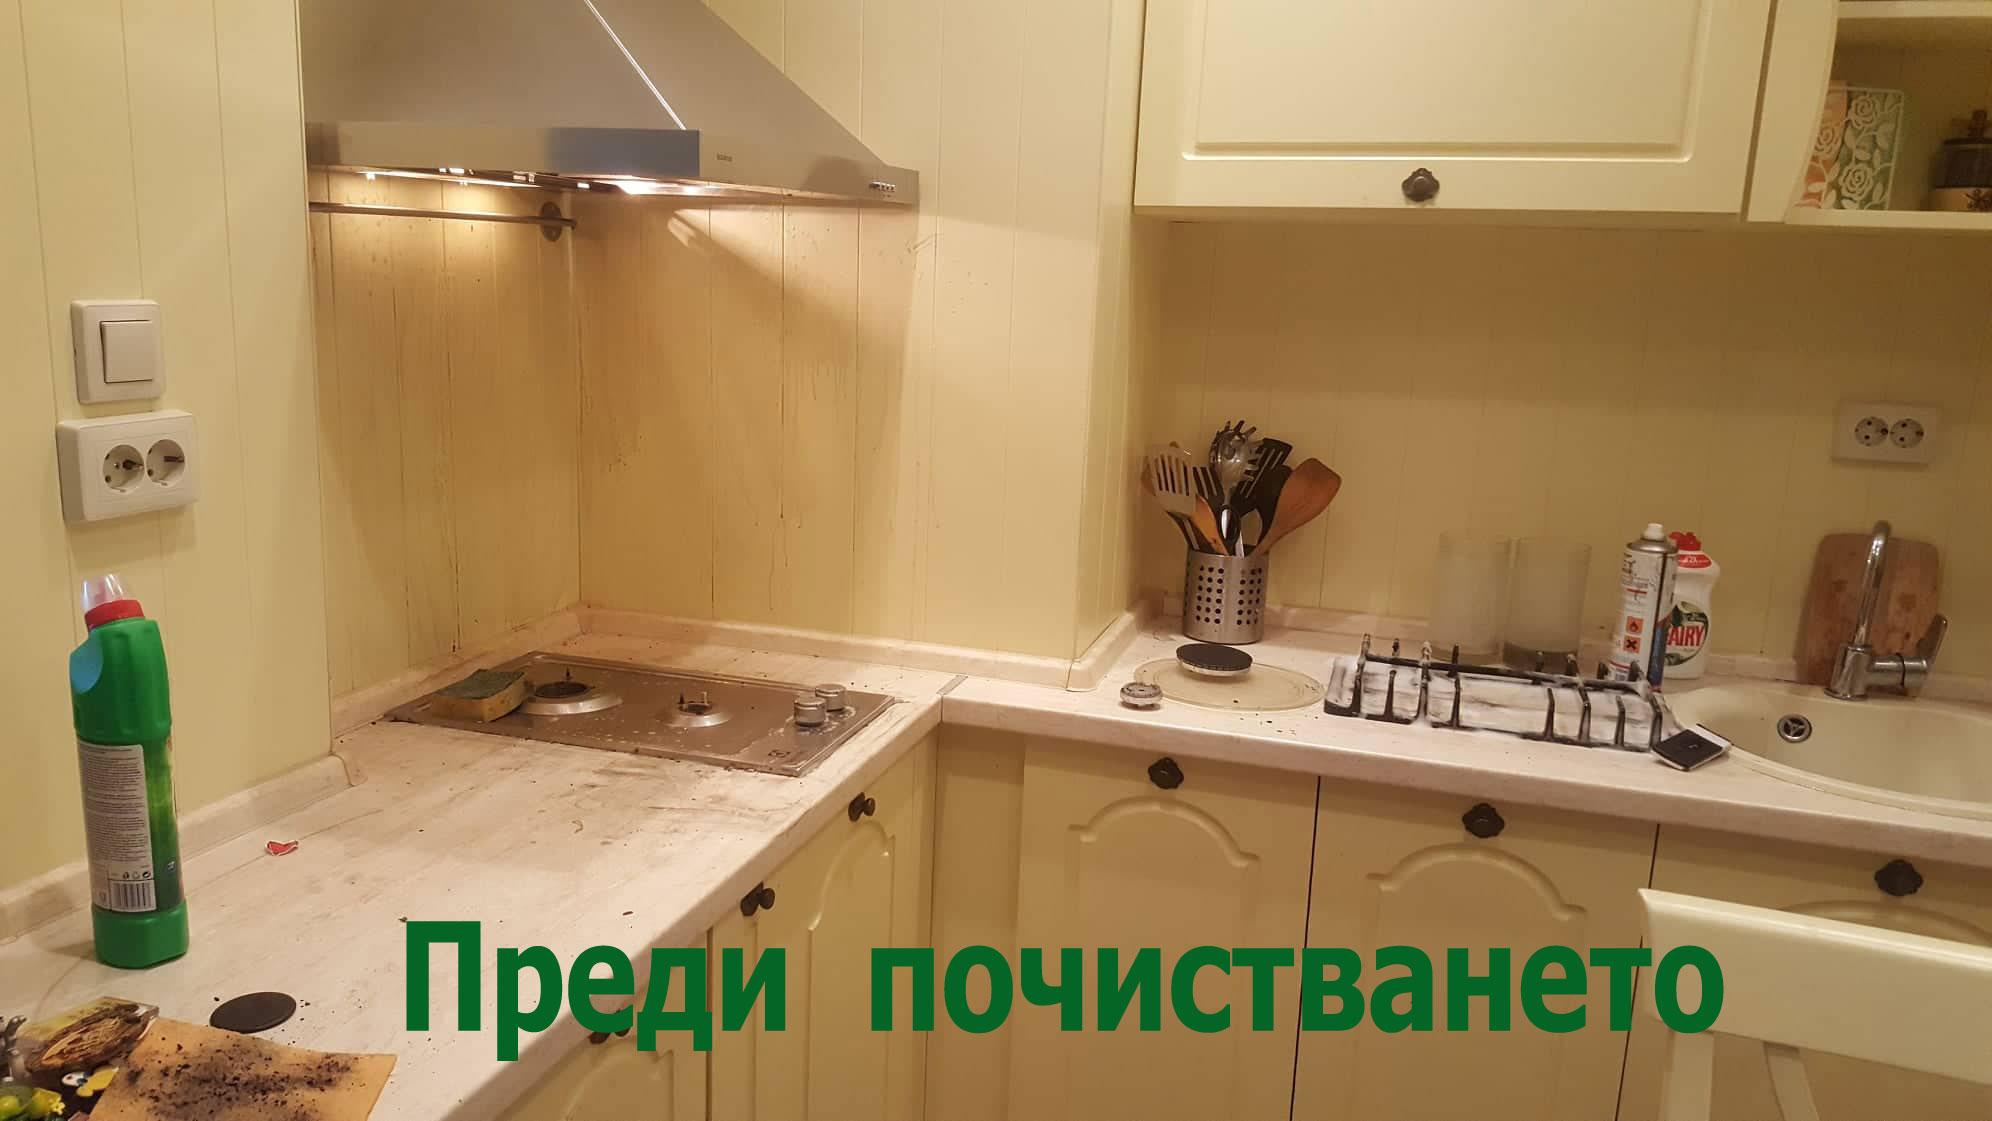 преди почистването на кухнята